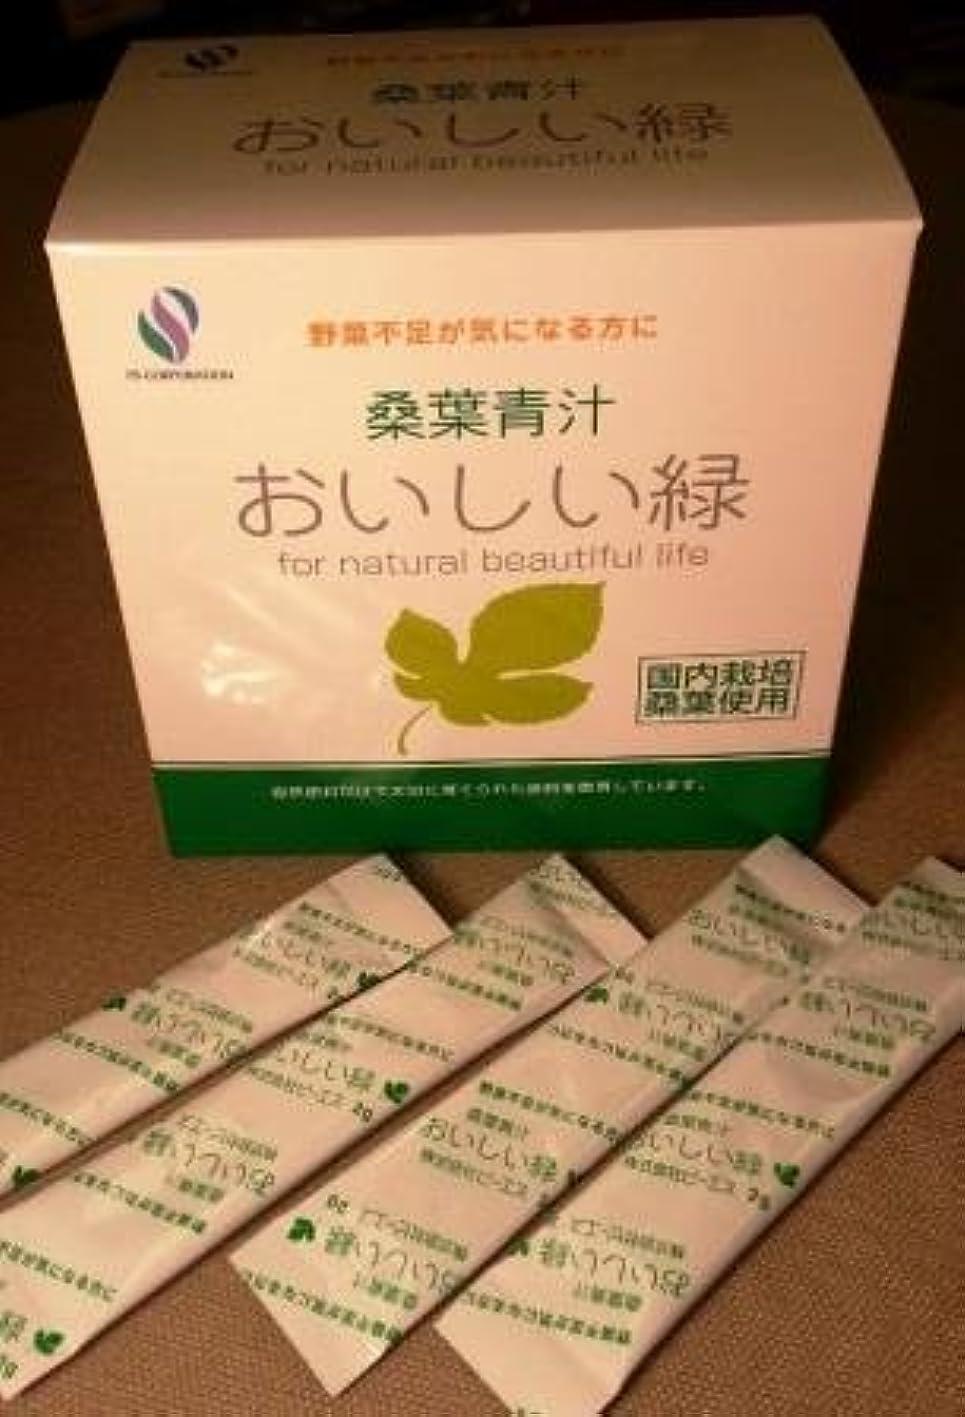 朝無知避けられない桑葉青汁 おいしい緑 2g×60包+4包増量中